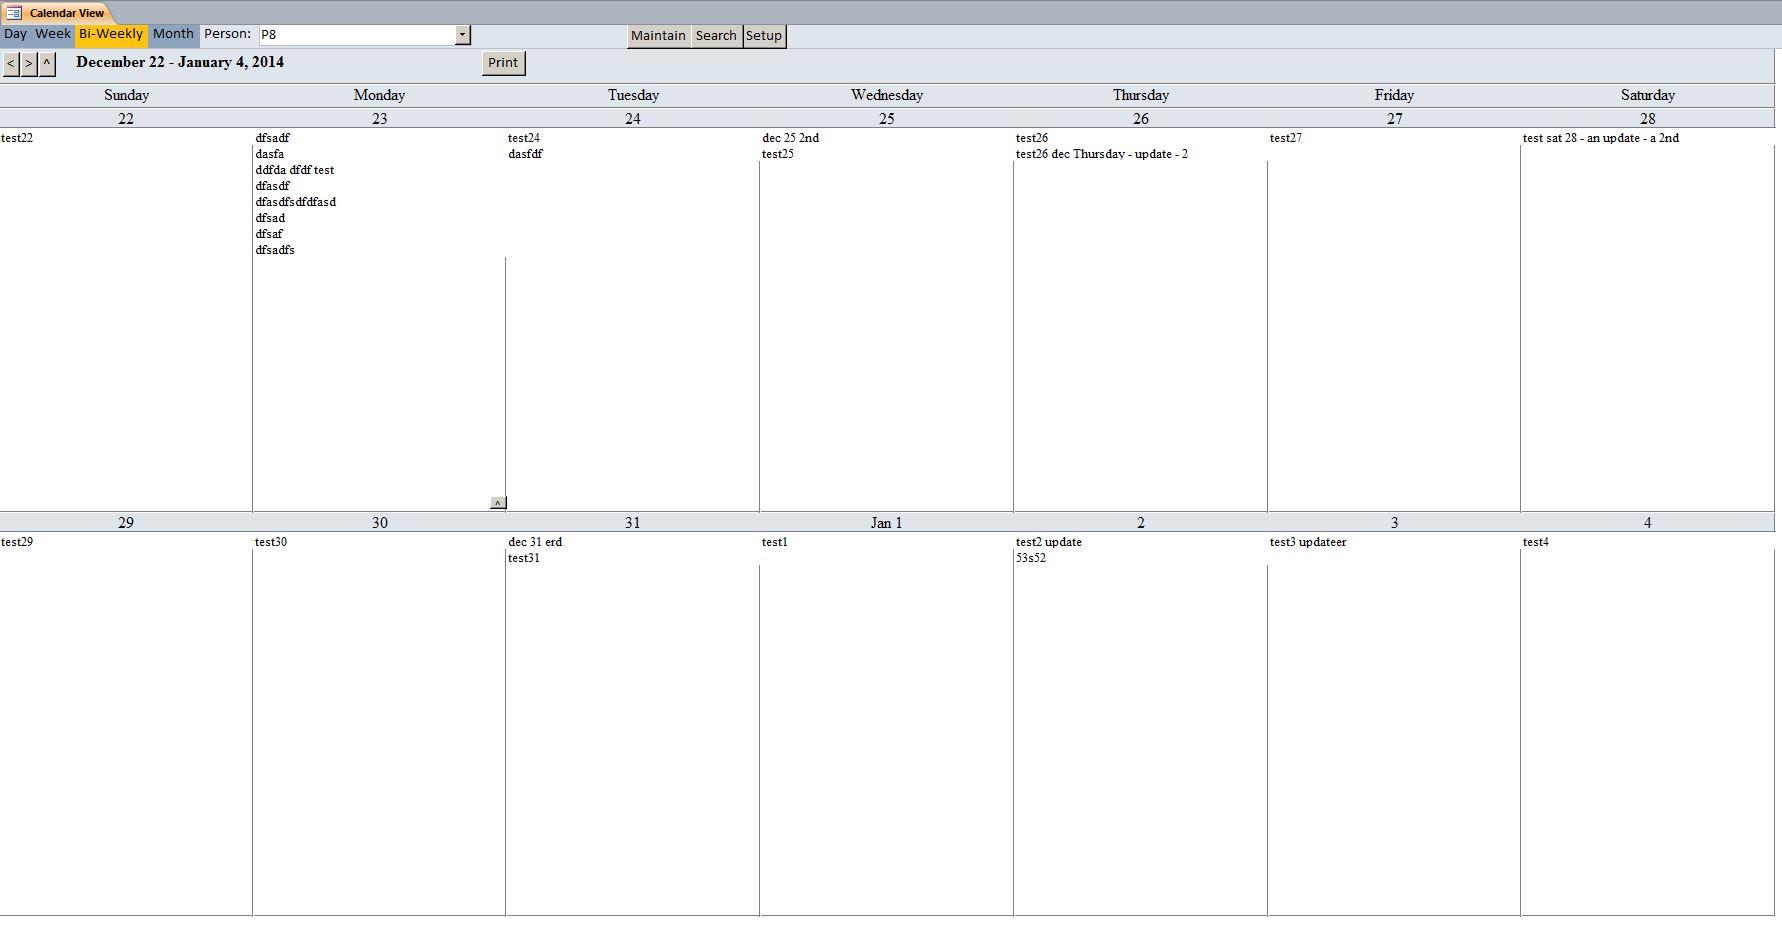 Week Calendar Template Bi-weekly view - by person